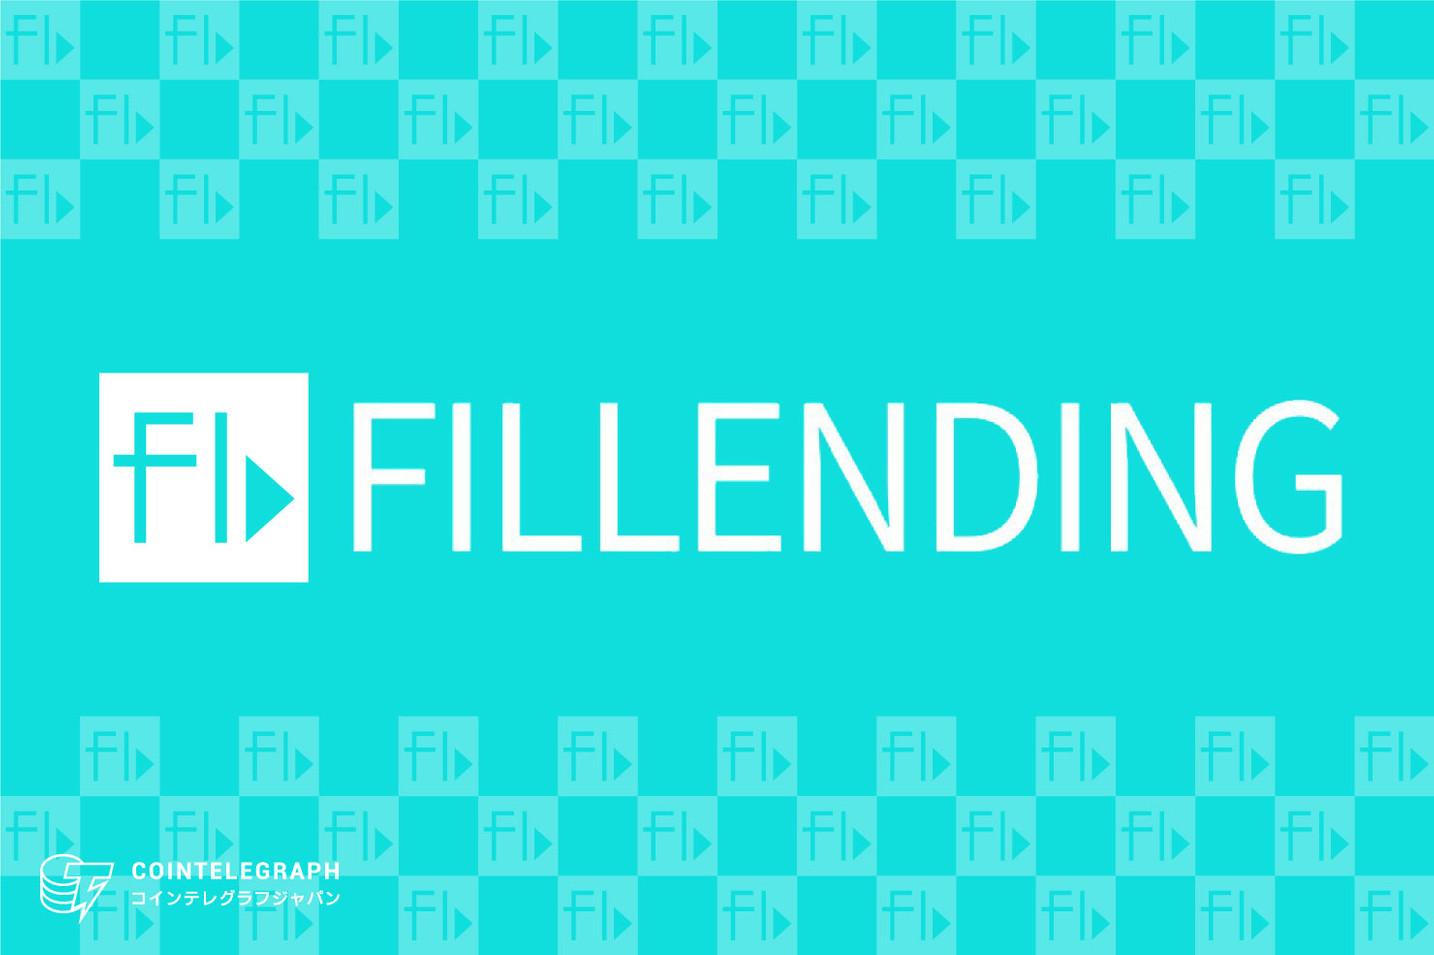 ファイルコイン(FIL)のレンディングサービス「FILLENDING」が間も無く開始!最 大APY30%